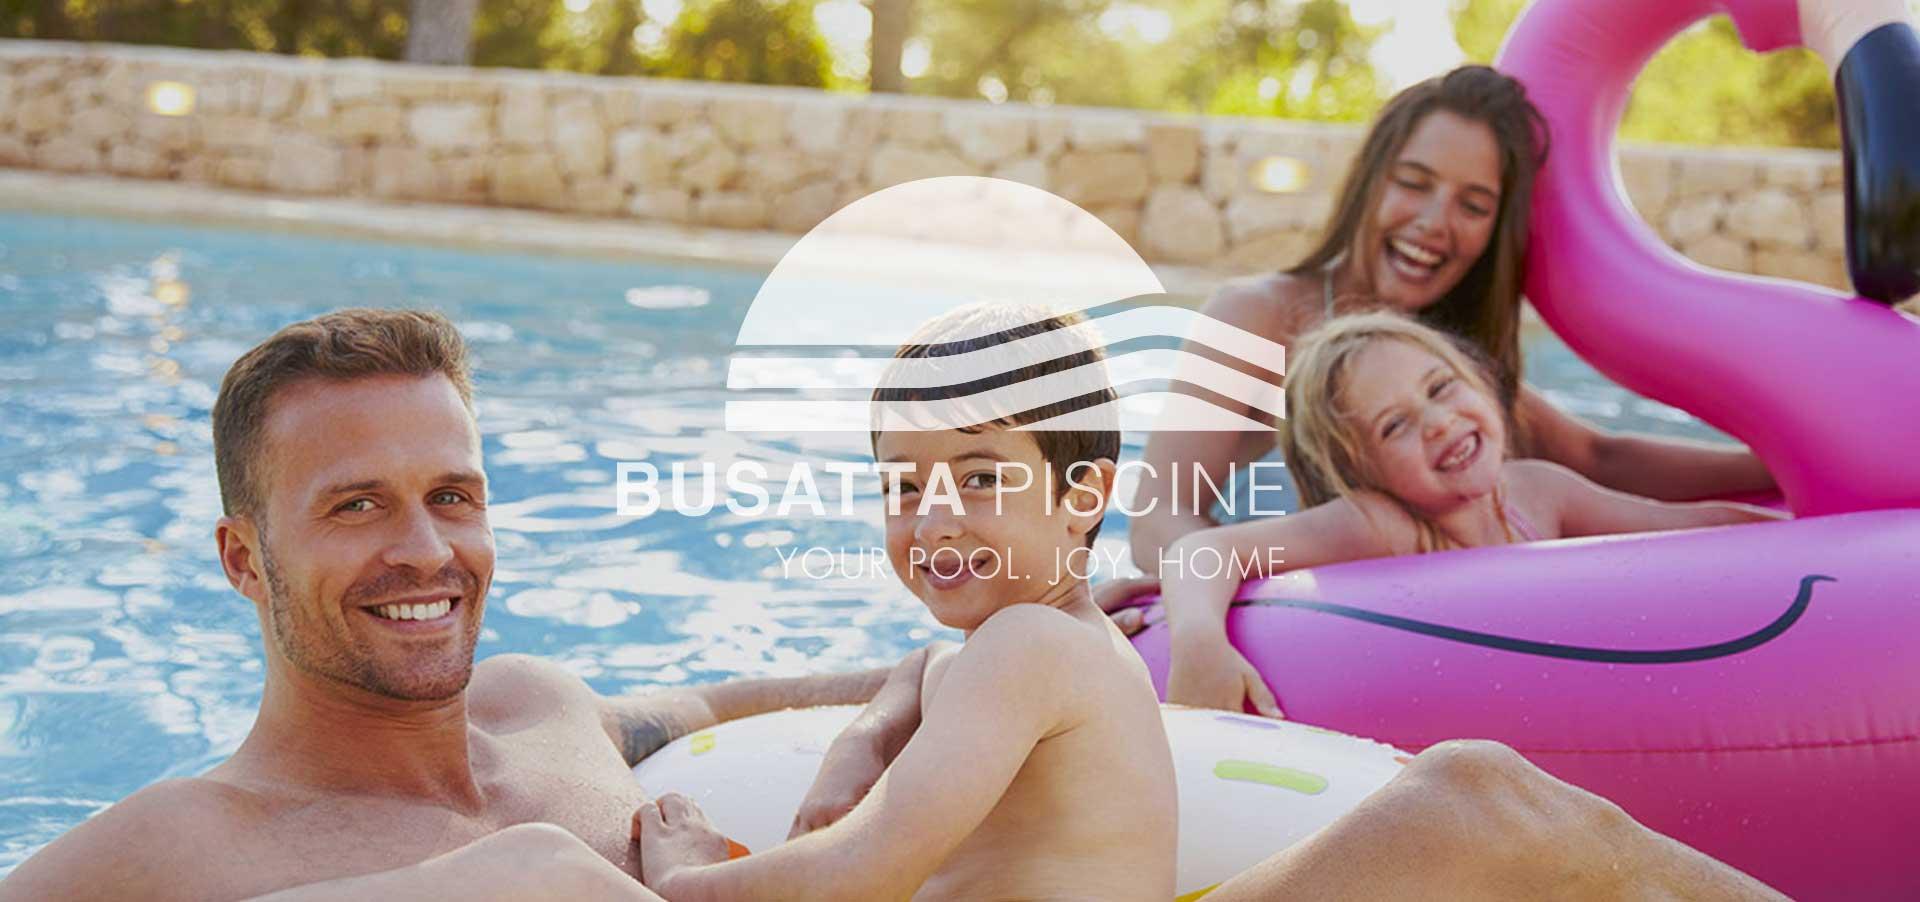 Vendita Piscine A Catania busatta piscine - comunicazione integrata